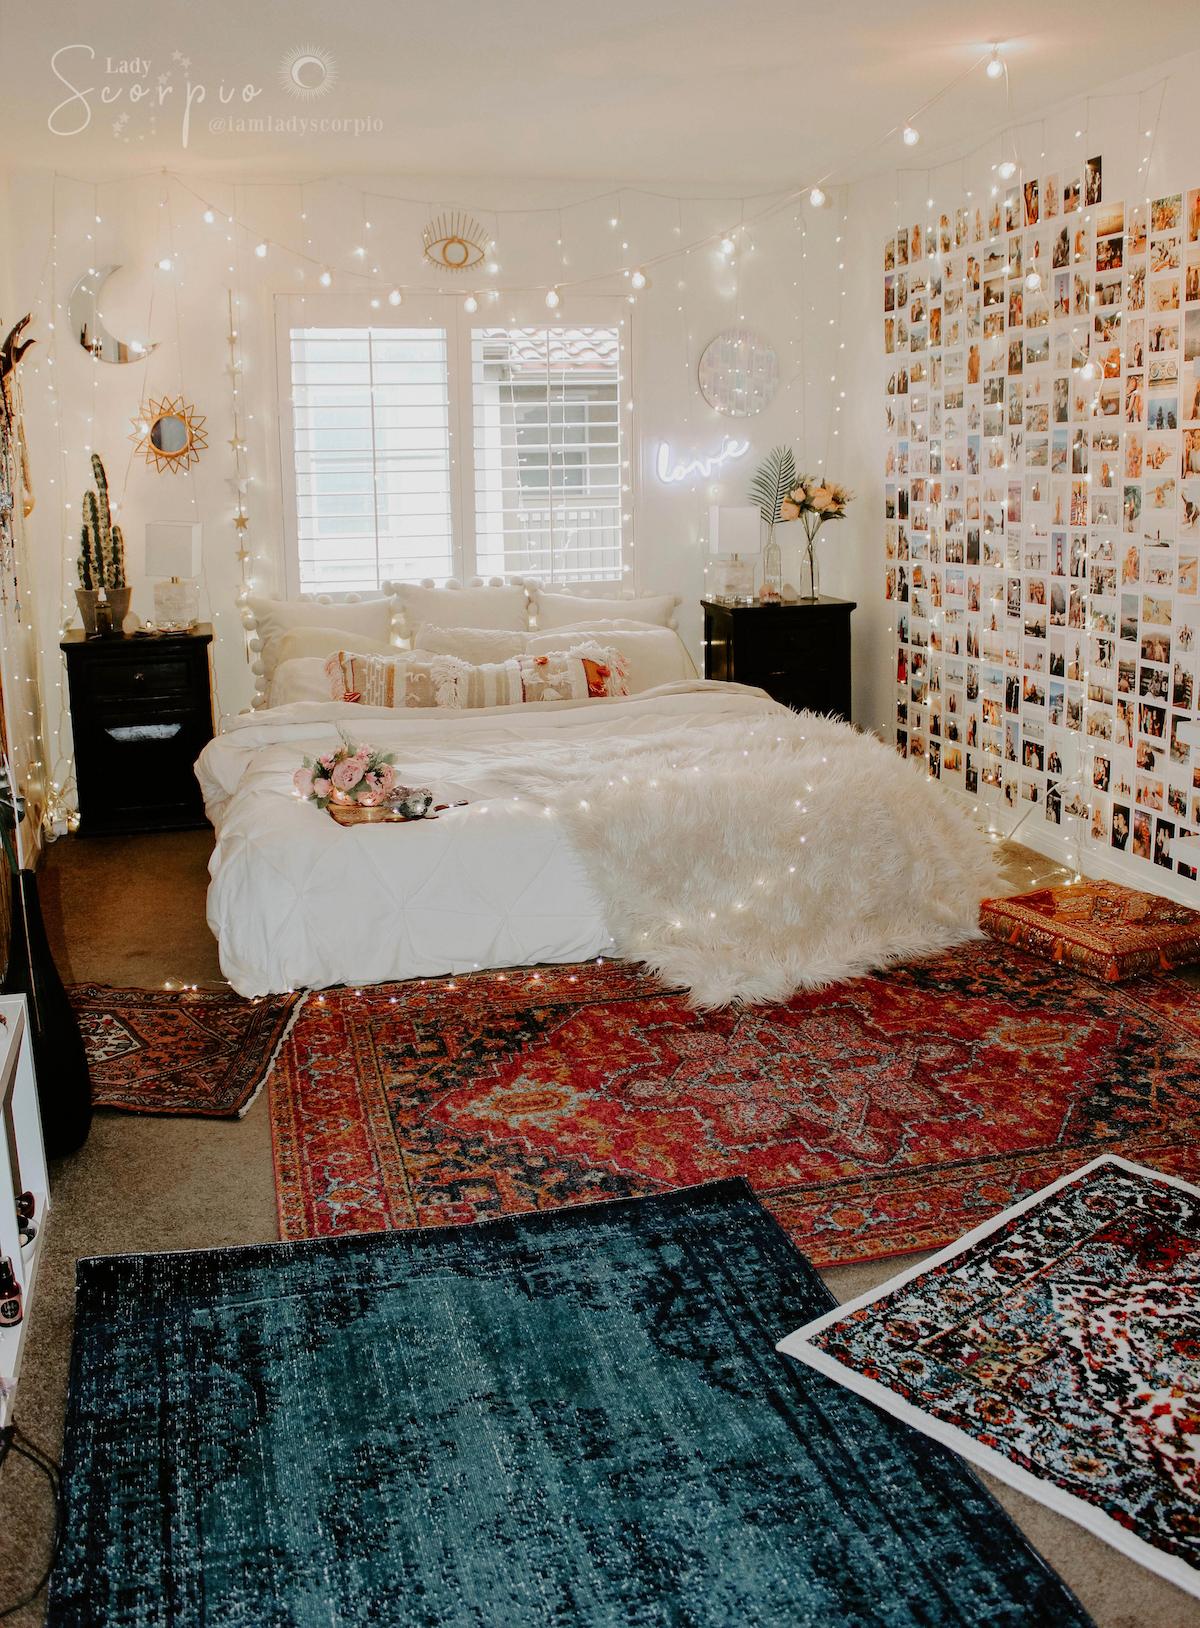 Le décor de la chambre à coucher est facilement disponible sur nos pages Web. Jetez un oeil et vous ne …